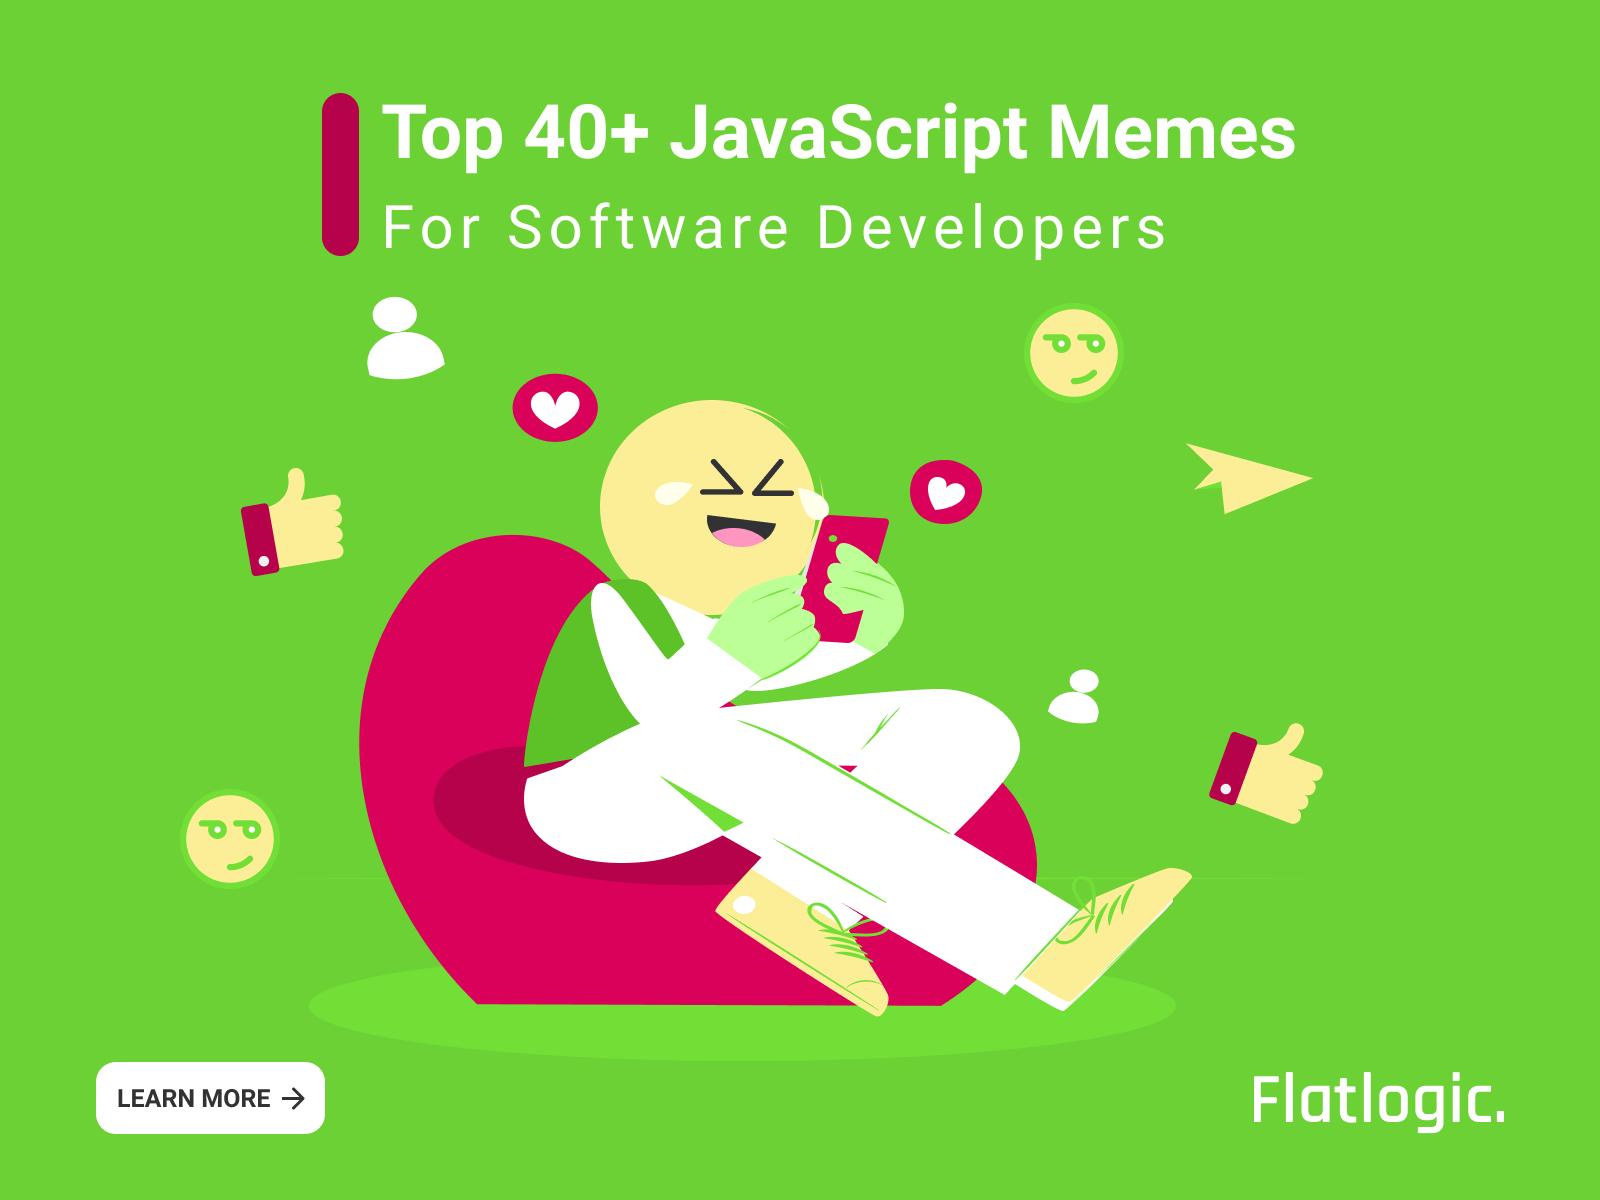 Top 40+ Javascript Memes Programming Humor :D